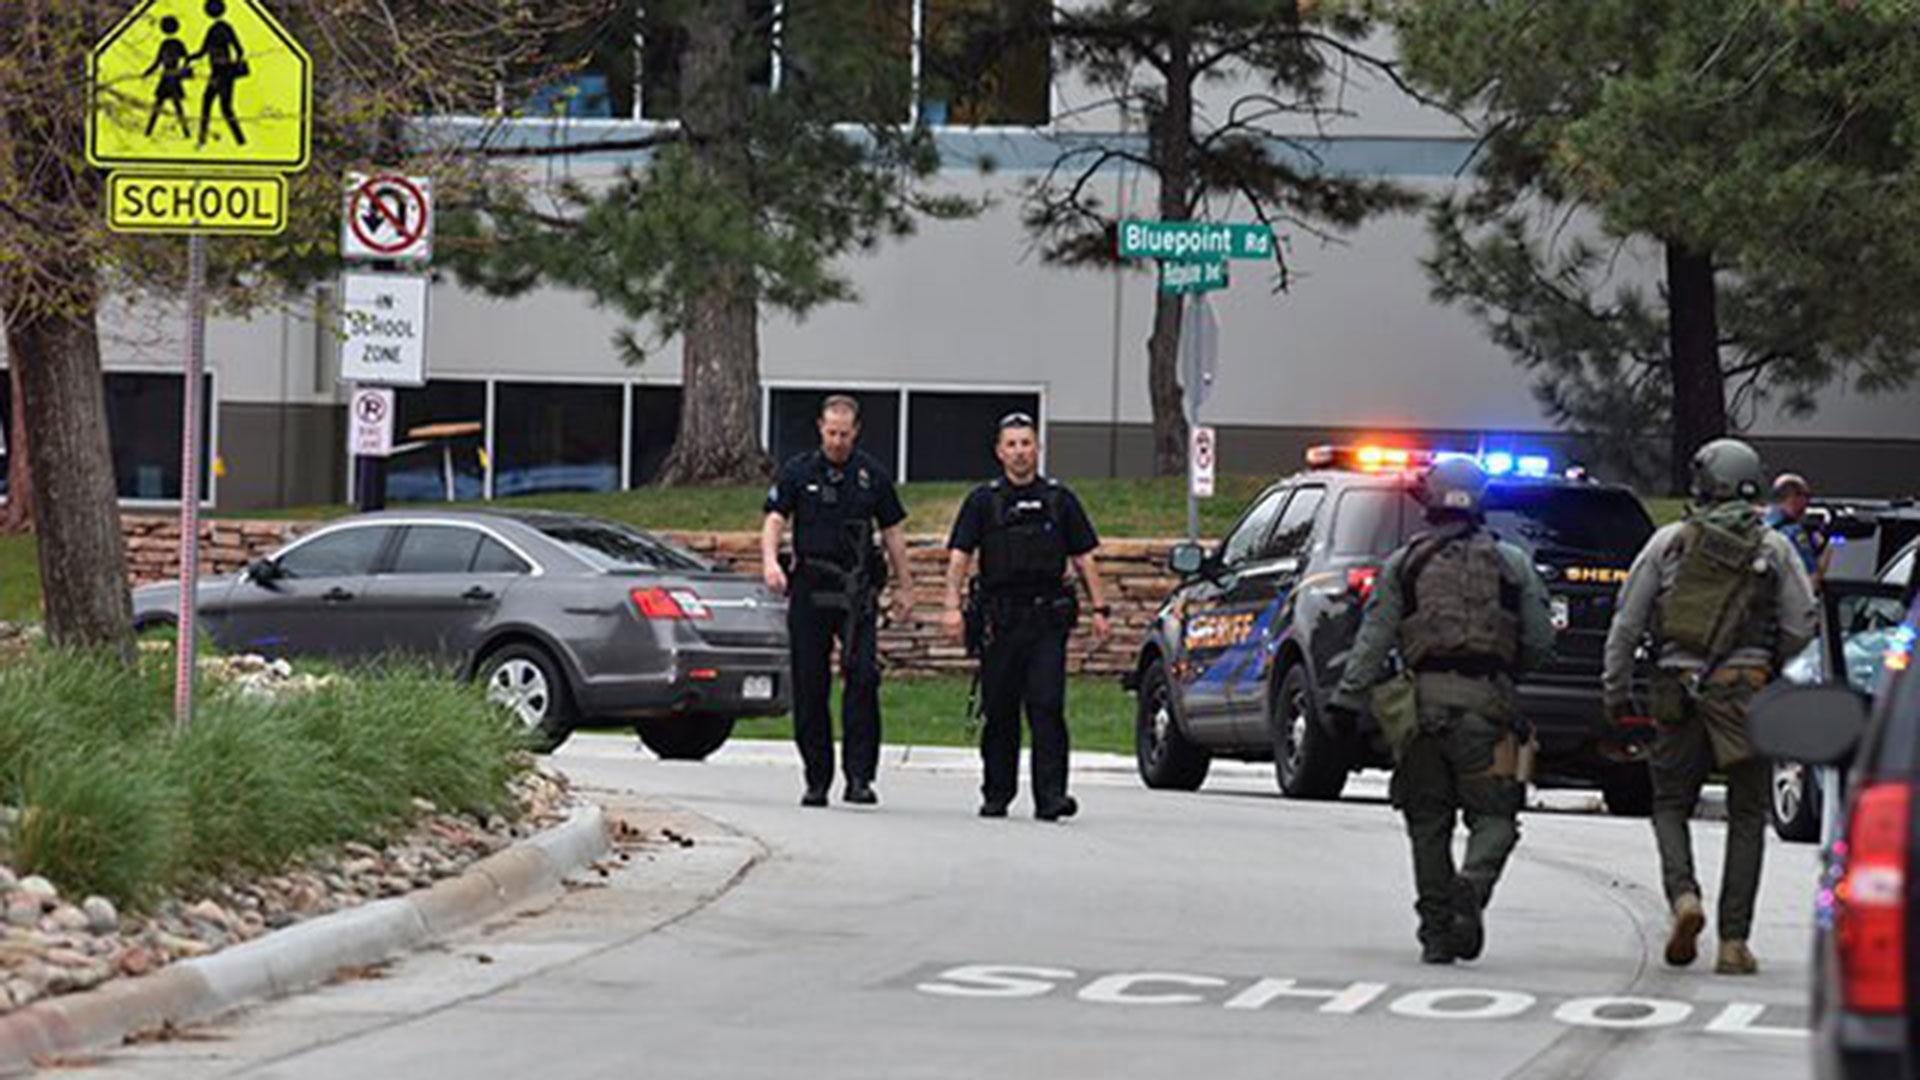 Uno de los detenidos fue identificado como Devon Erickson, de 18 años